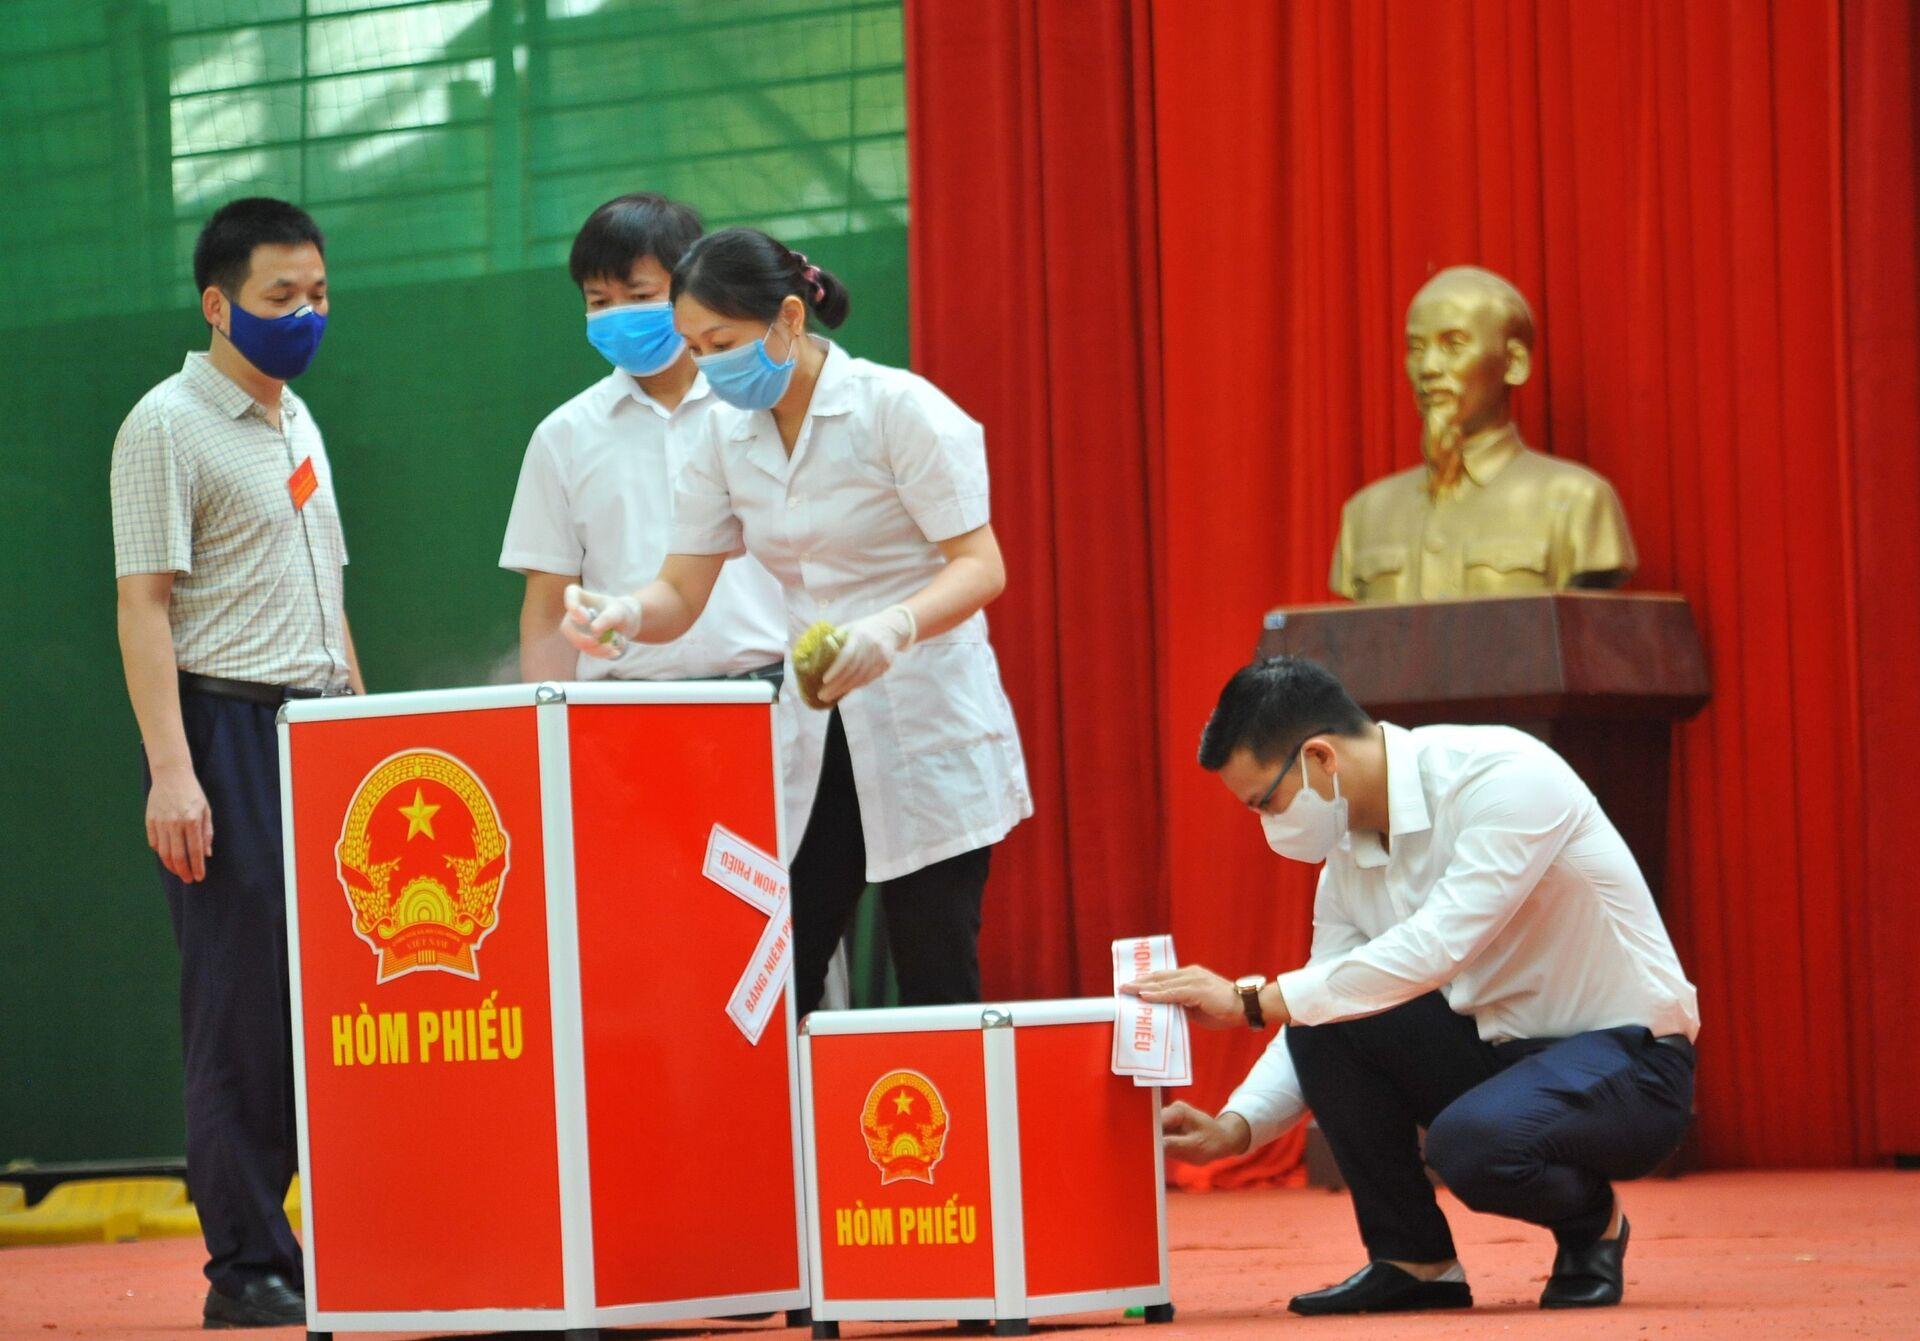 Hơn 3.200 cử tri bỏ phiếu sớm ở tâm dịch Bắc Ninh - Sputnik Việt Nam, 1920, 22.05.2021